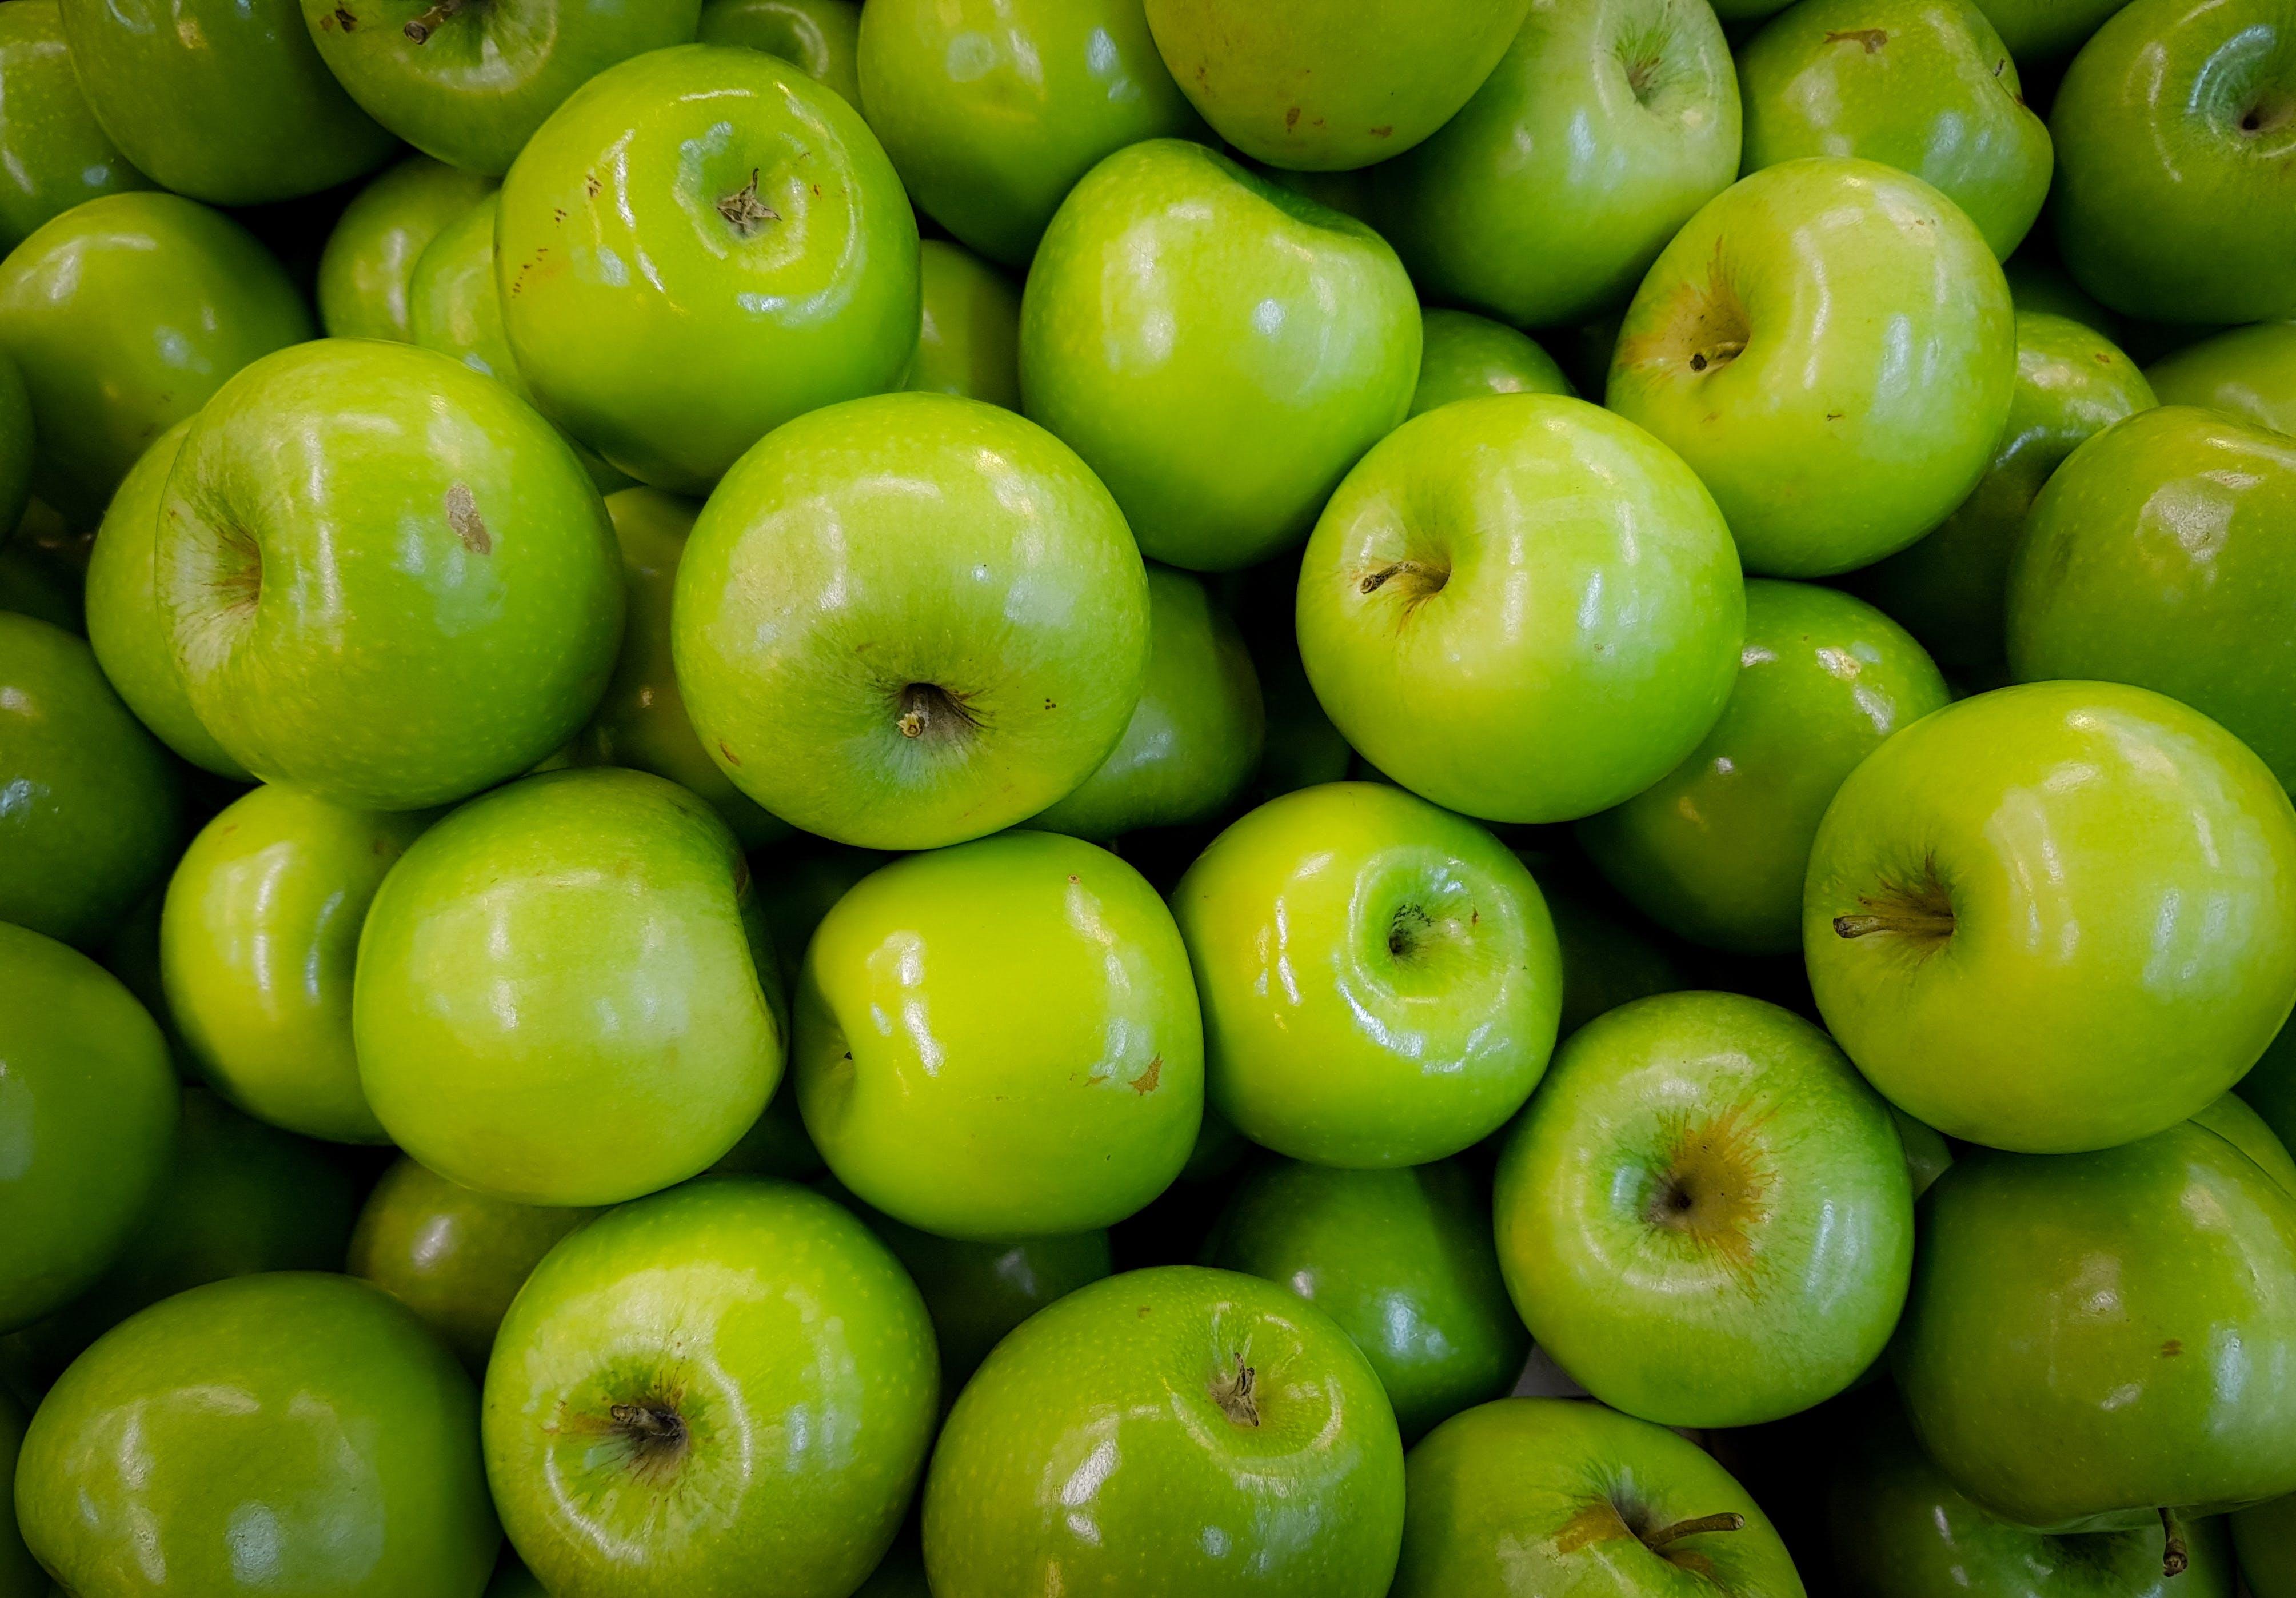 äpfel, essen, farben